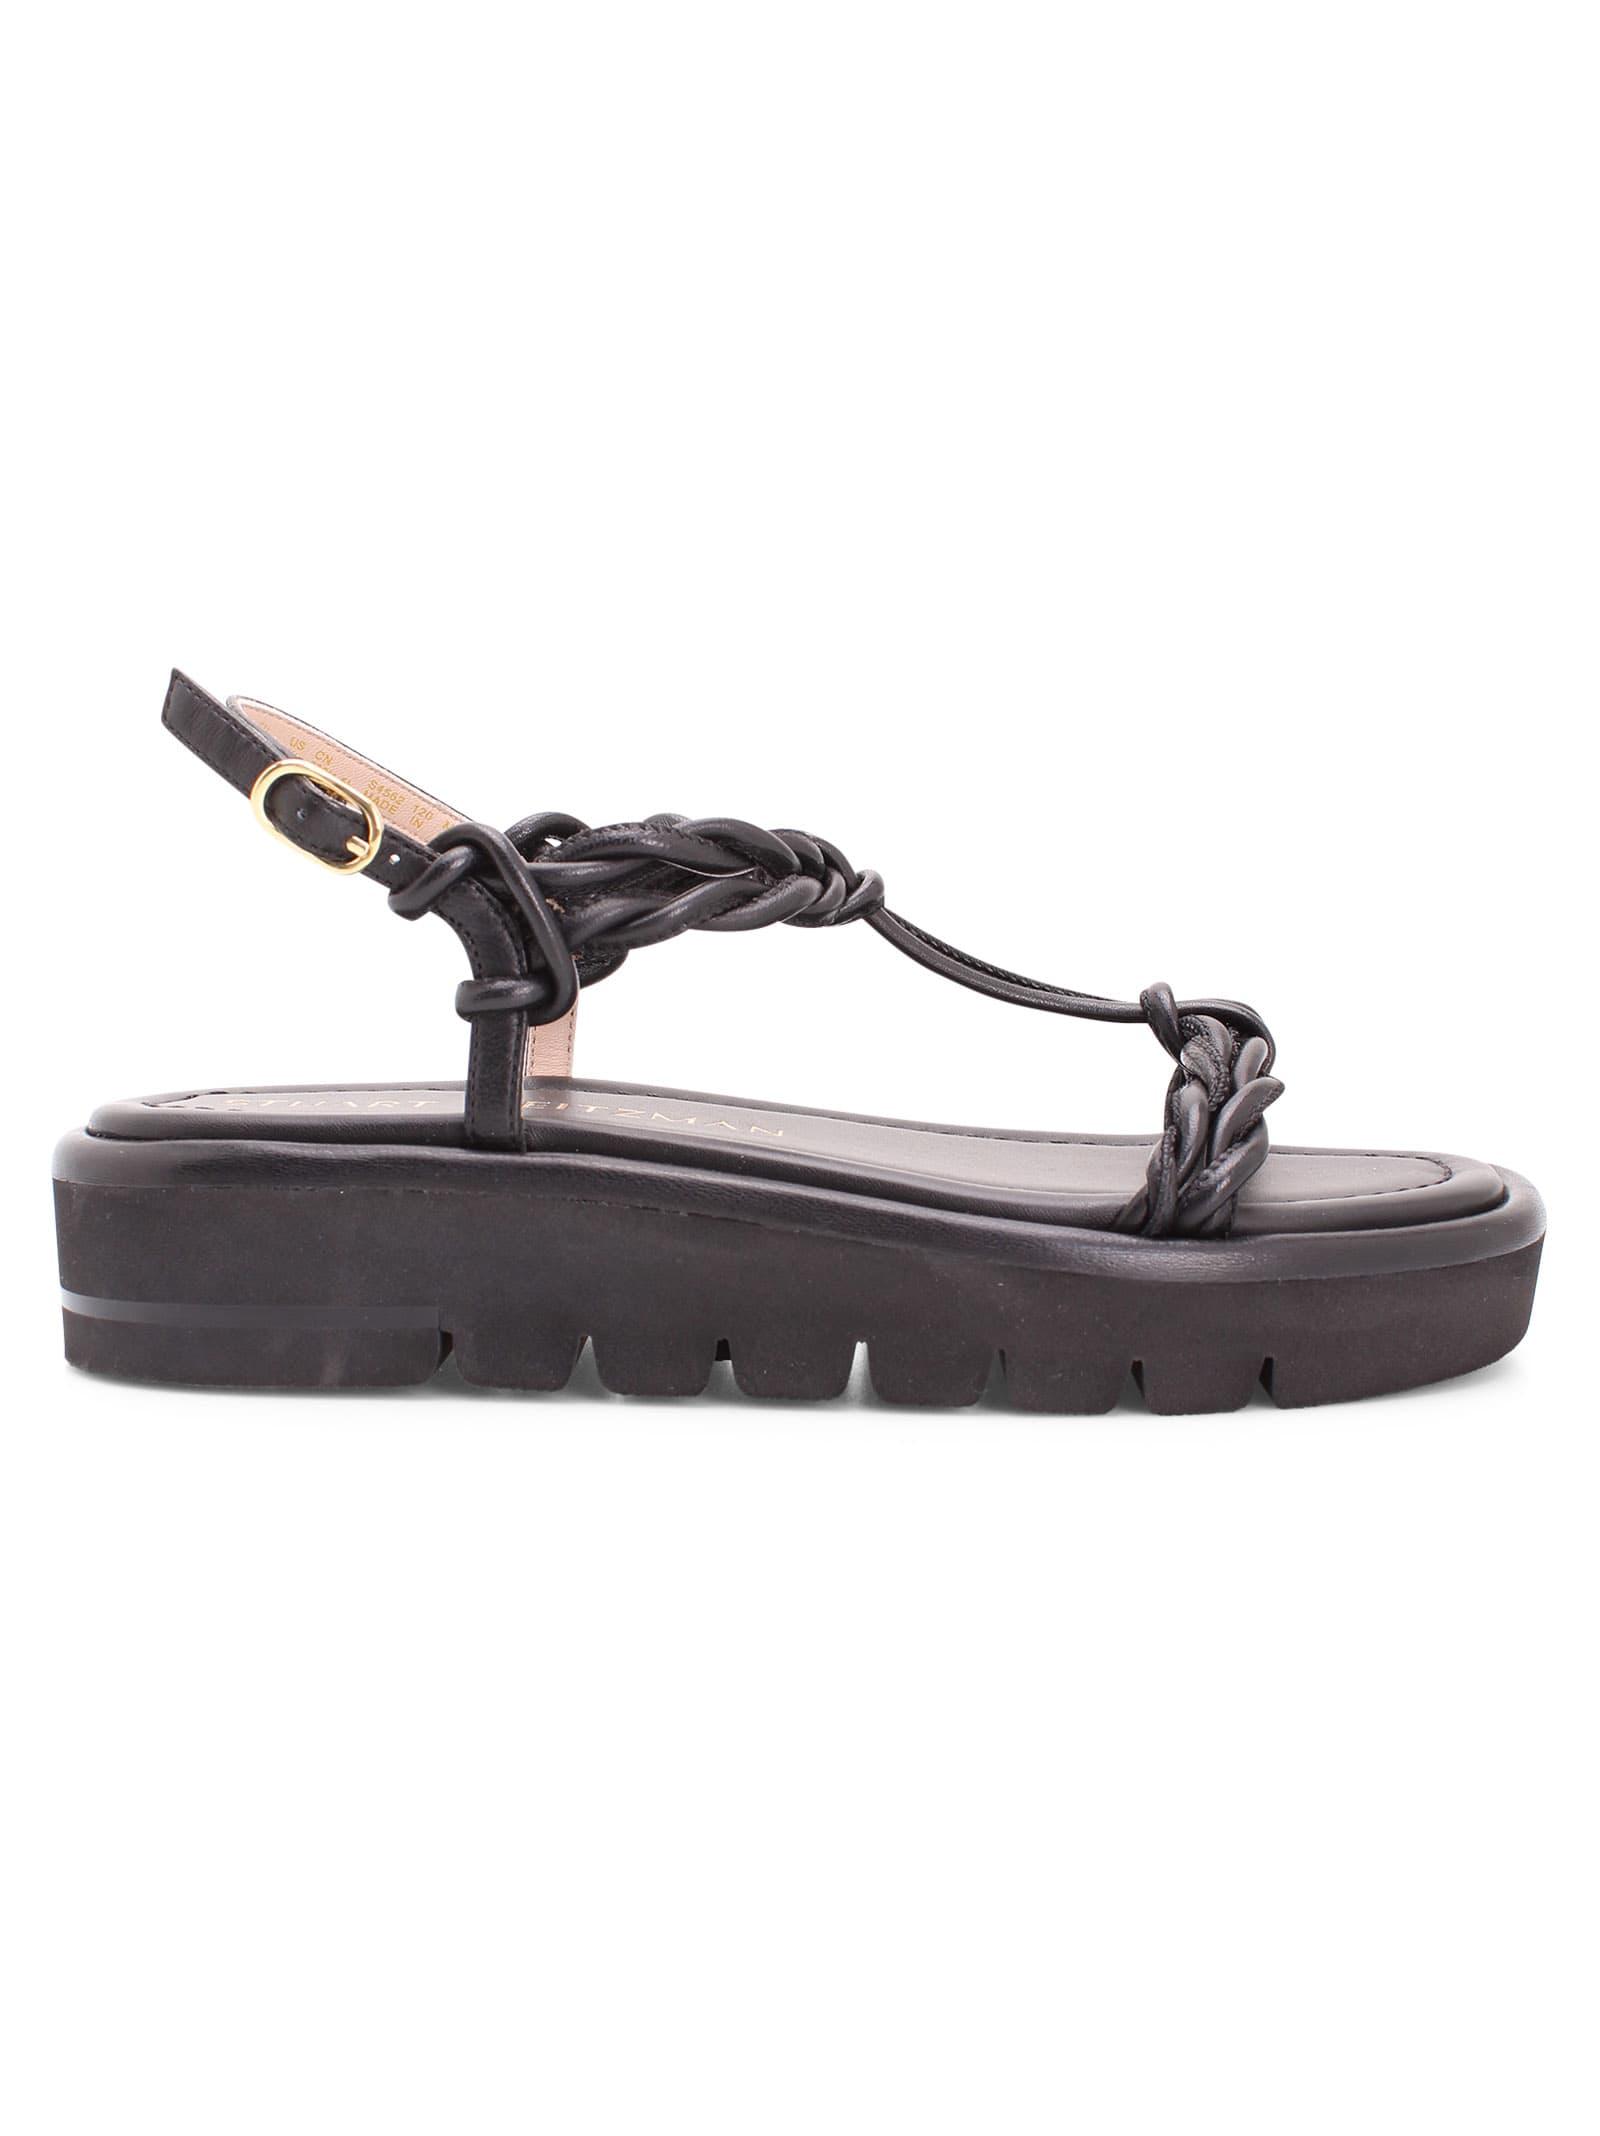 Stuart Weitzman calypso Leather Flat Shoes